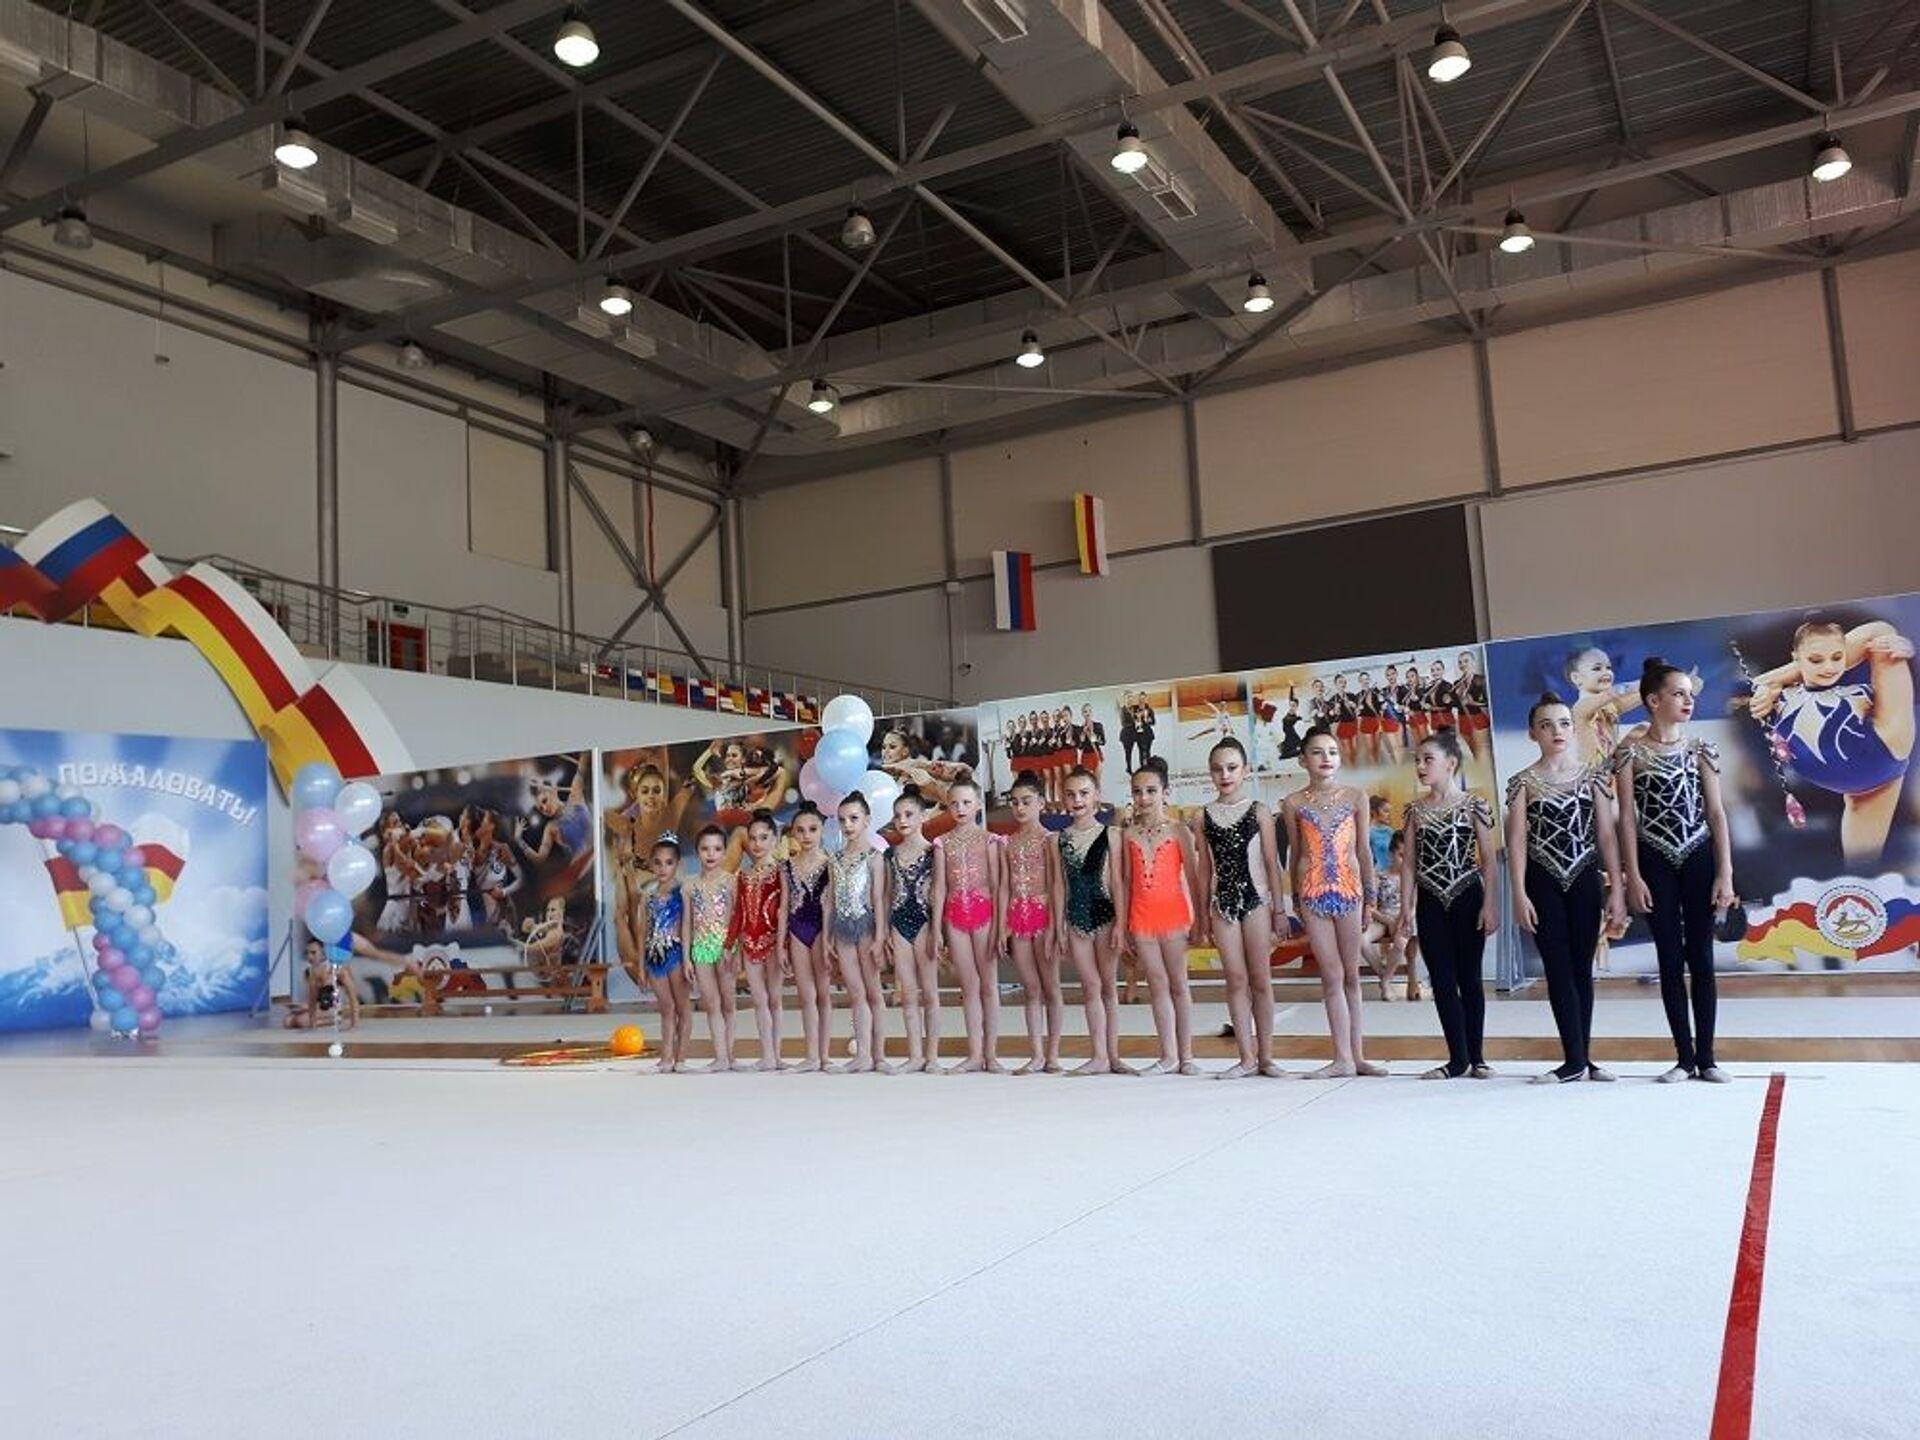 В Цхинвале проходит Кубок Федерации художественной гимнастики - Sputnik Южная Осетия, 1920, 03.07.2021